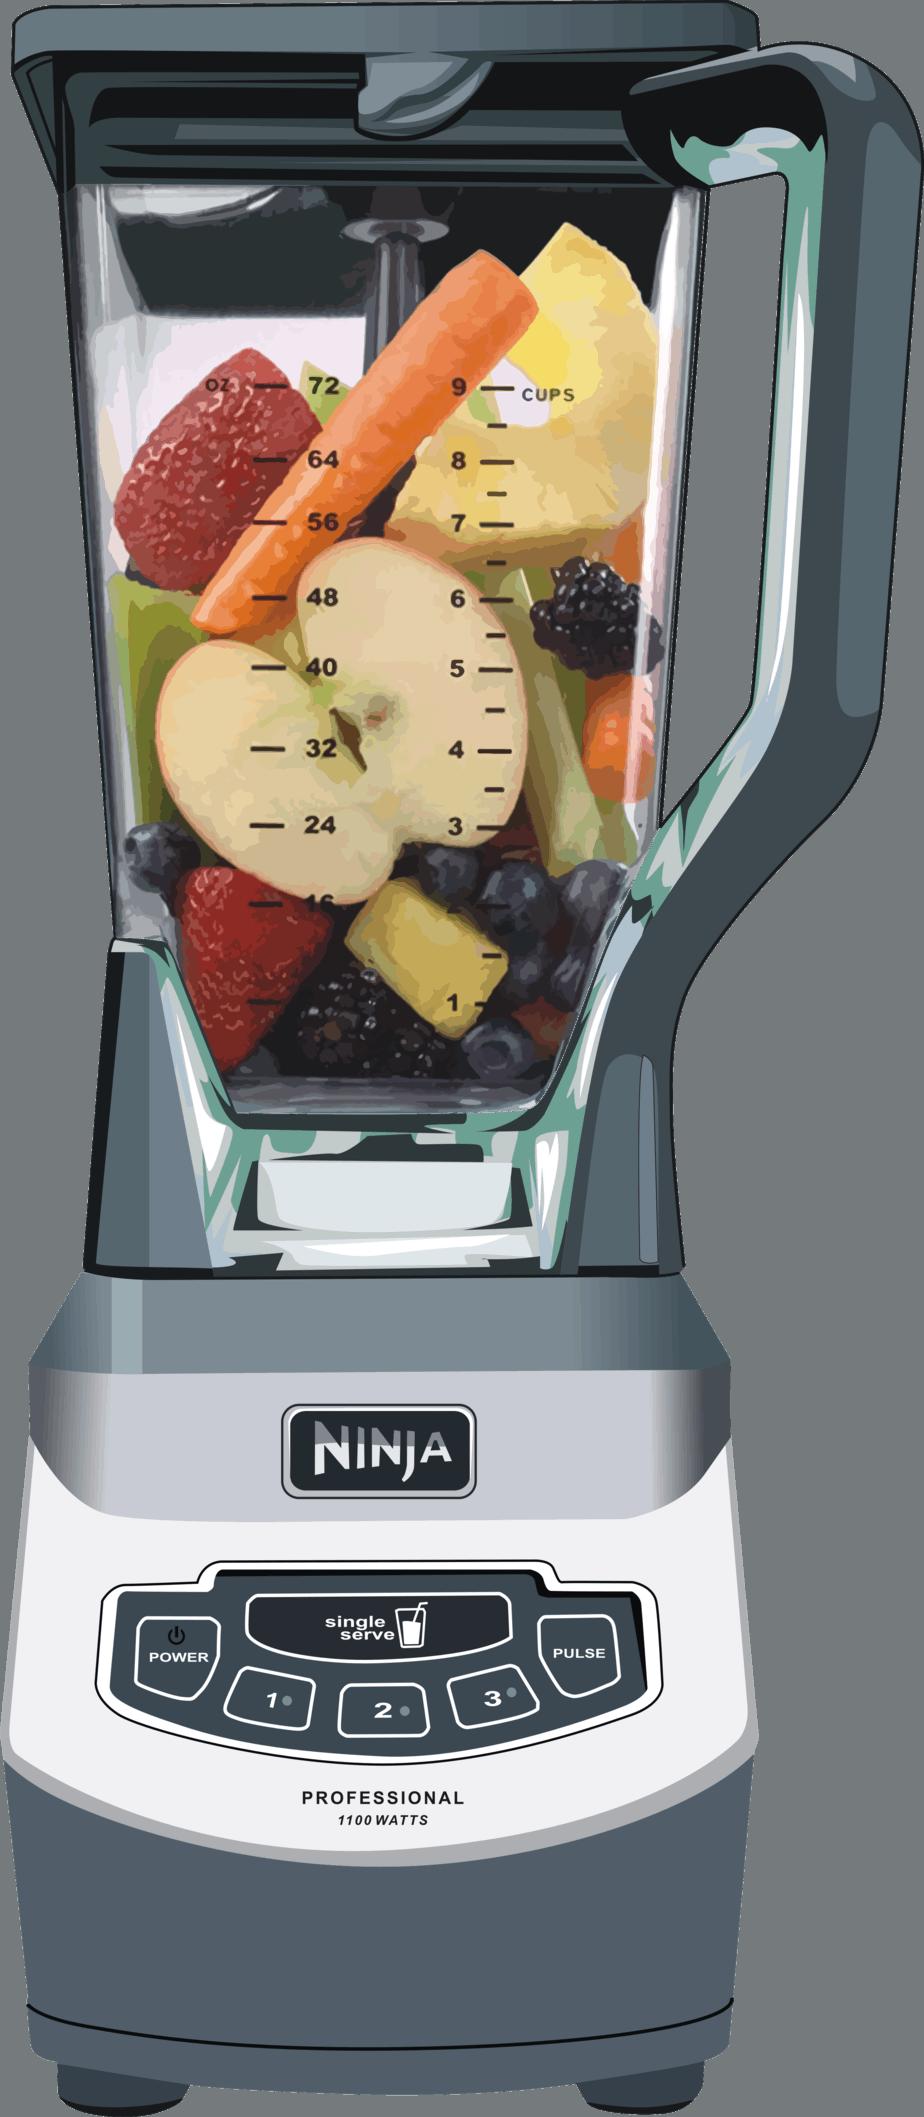 Ninja Blender 5